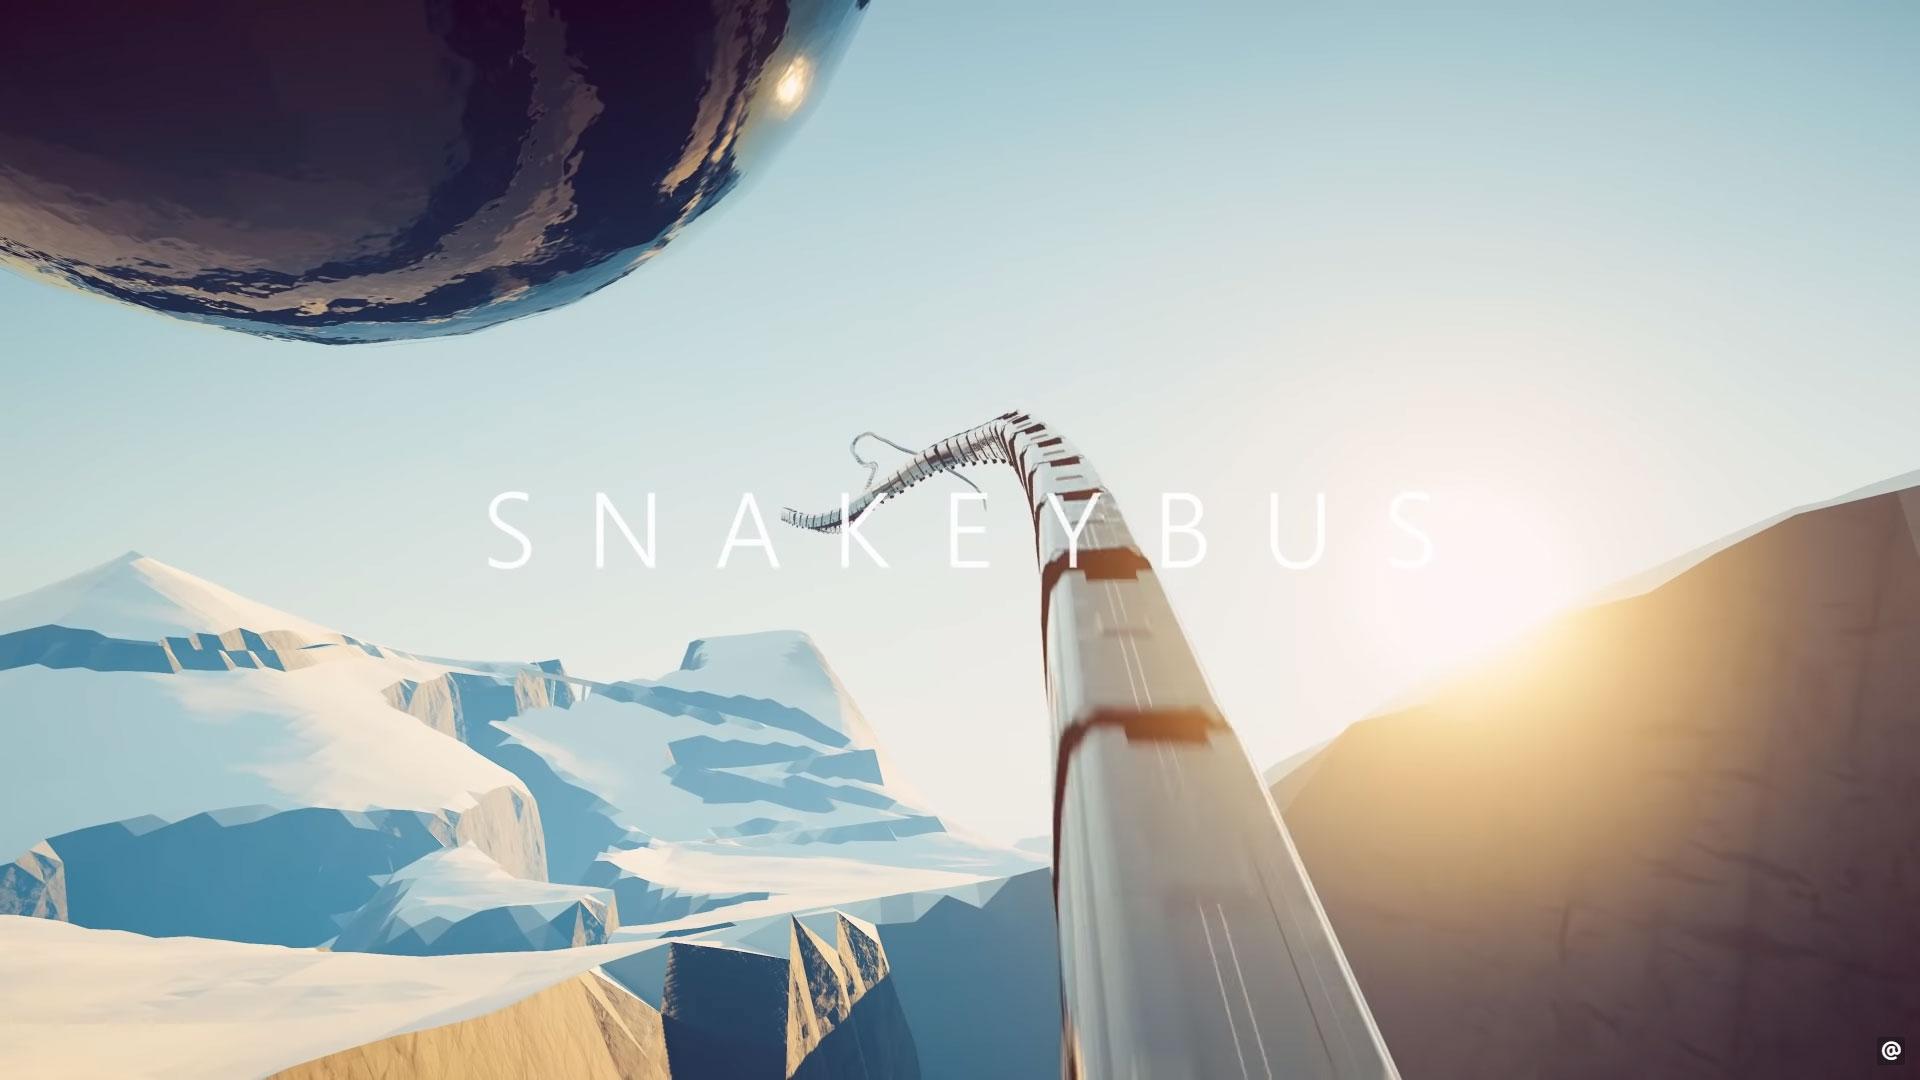 Snakeybus 3D snake